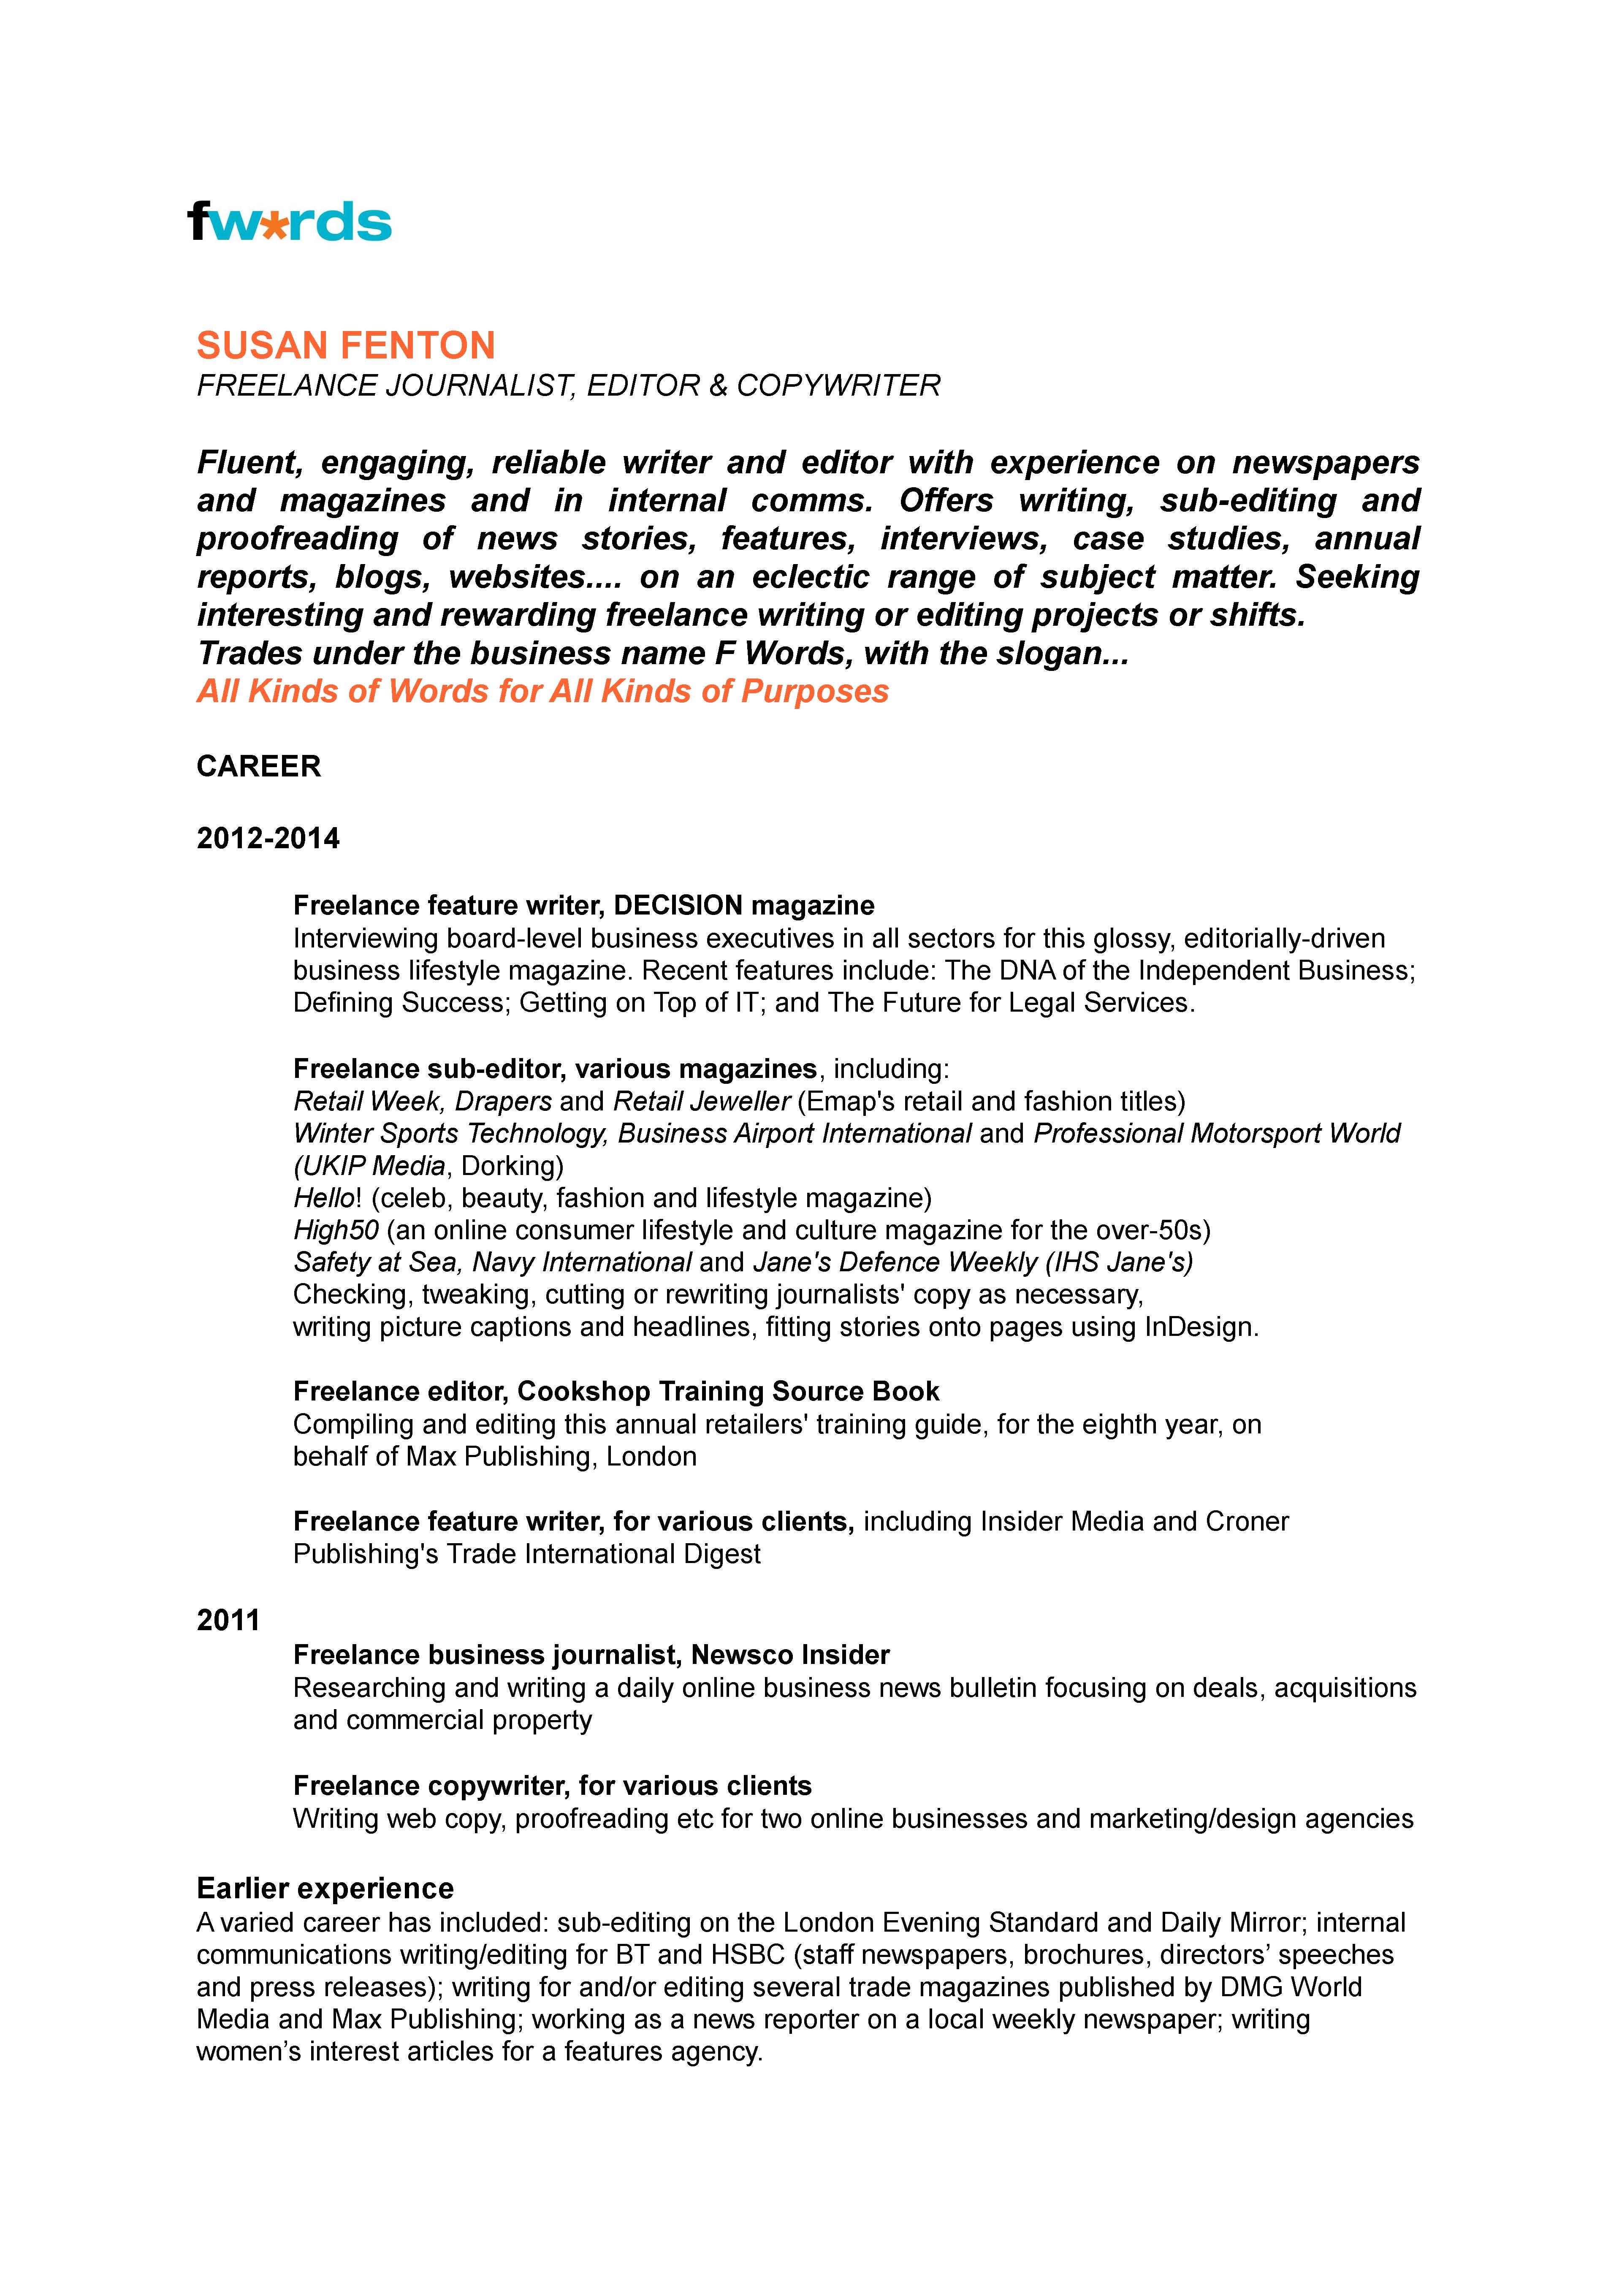 sue fenton CV january 2014_Page_1